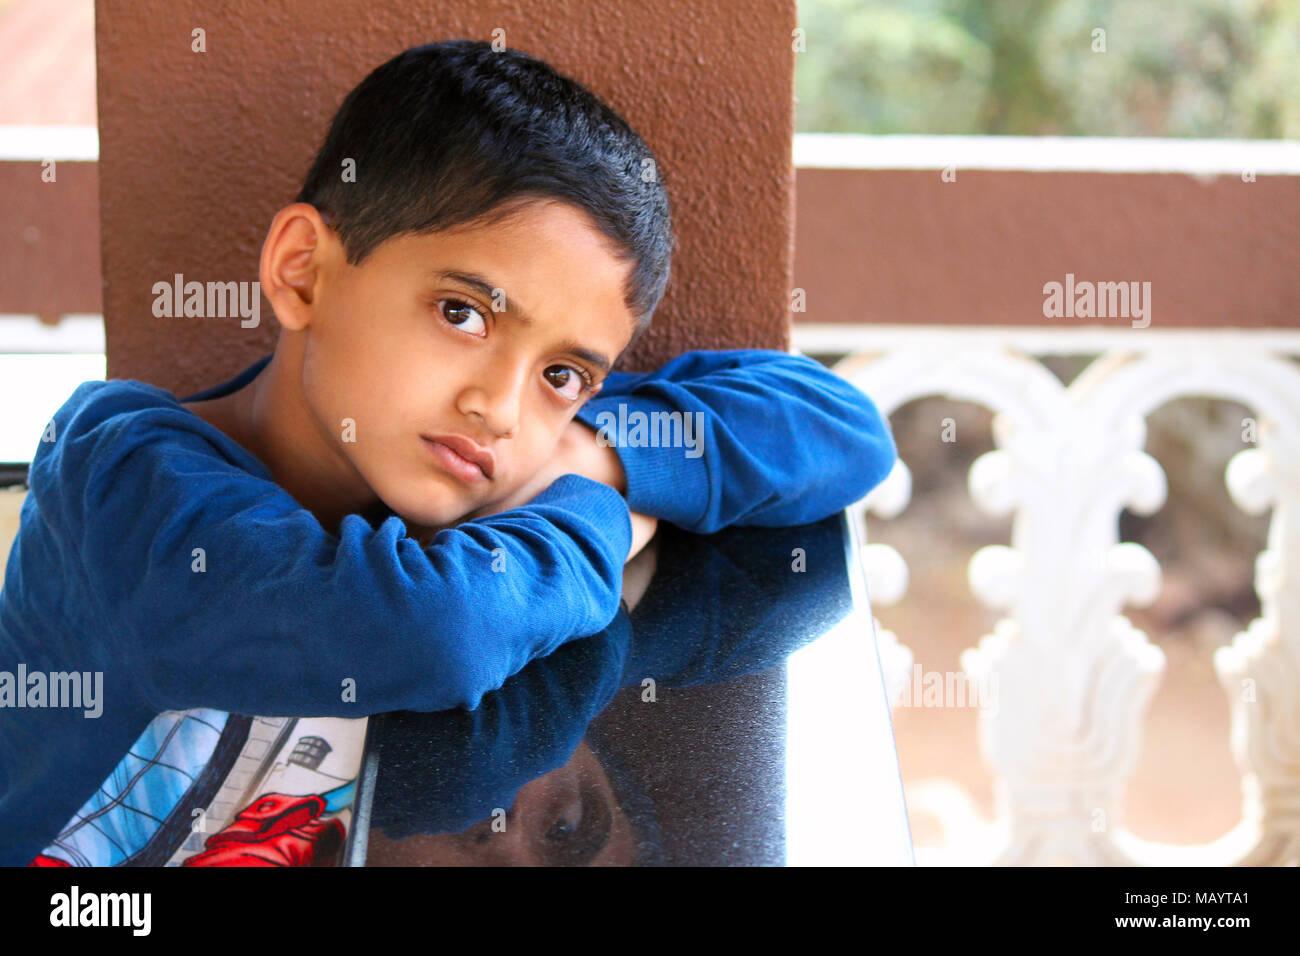 Chico mirando a la cámara con graves mira, Kokan Palande Foto de stock